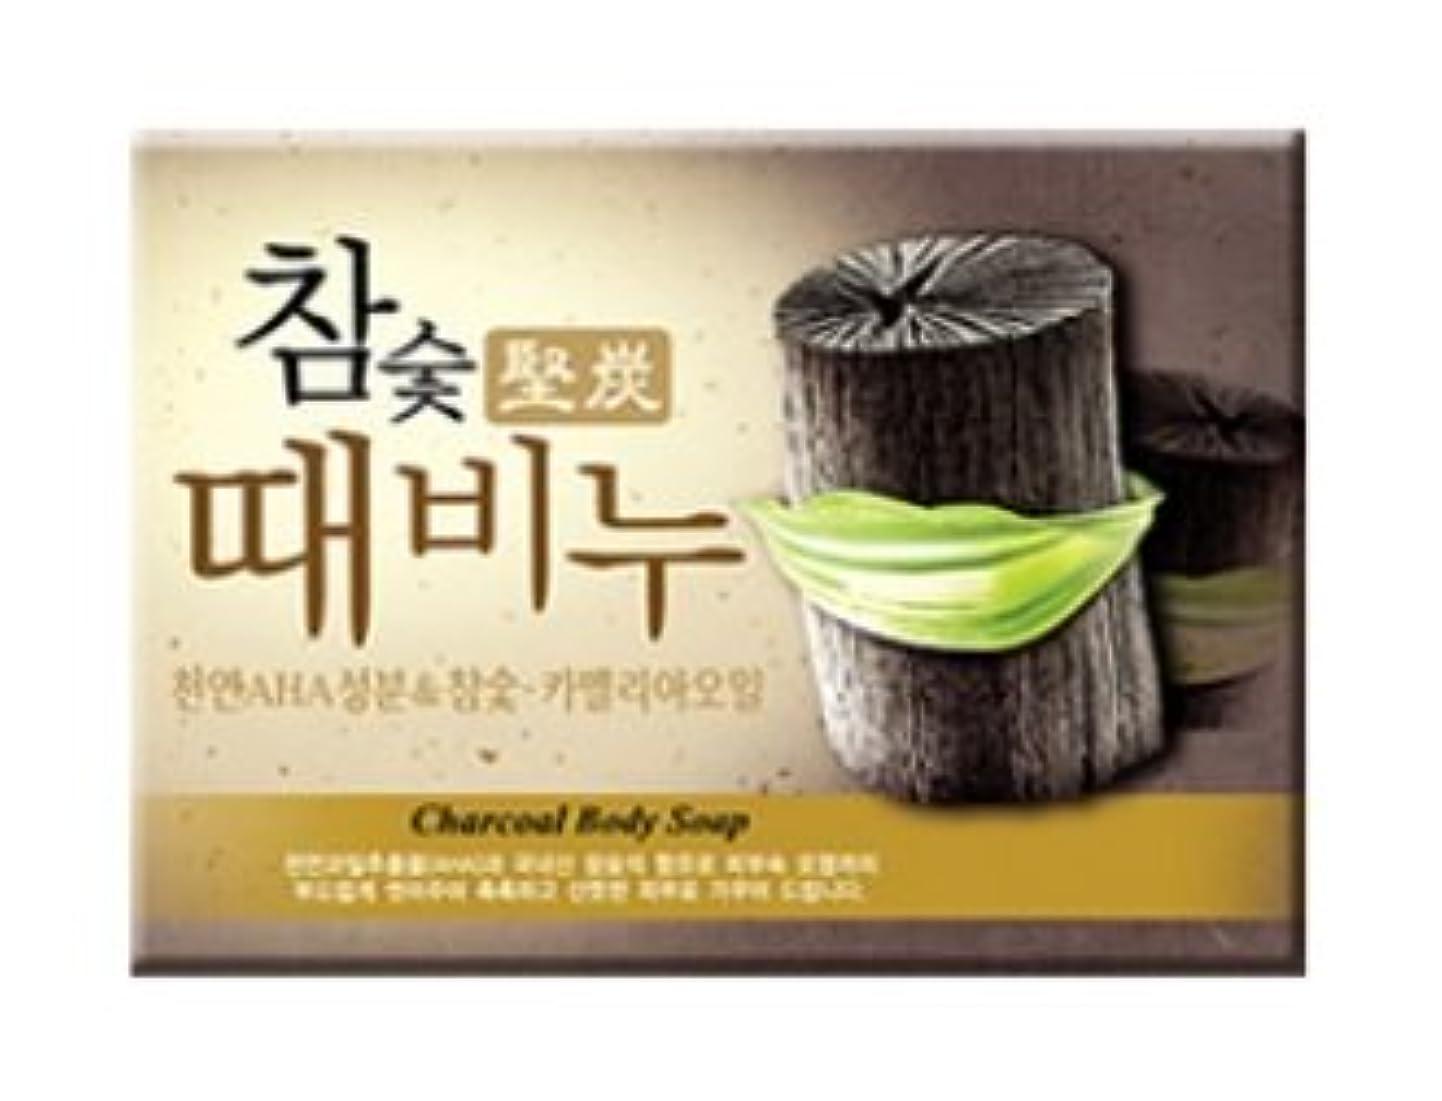 出発セッション後退する堅炭ソープ 100g / Charcoal Body Soap [並行輸入品]